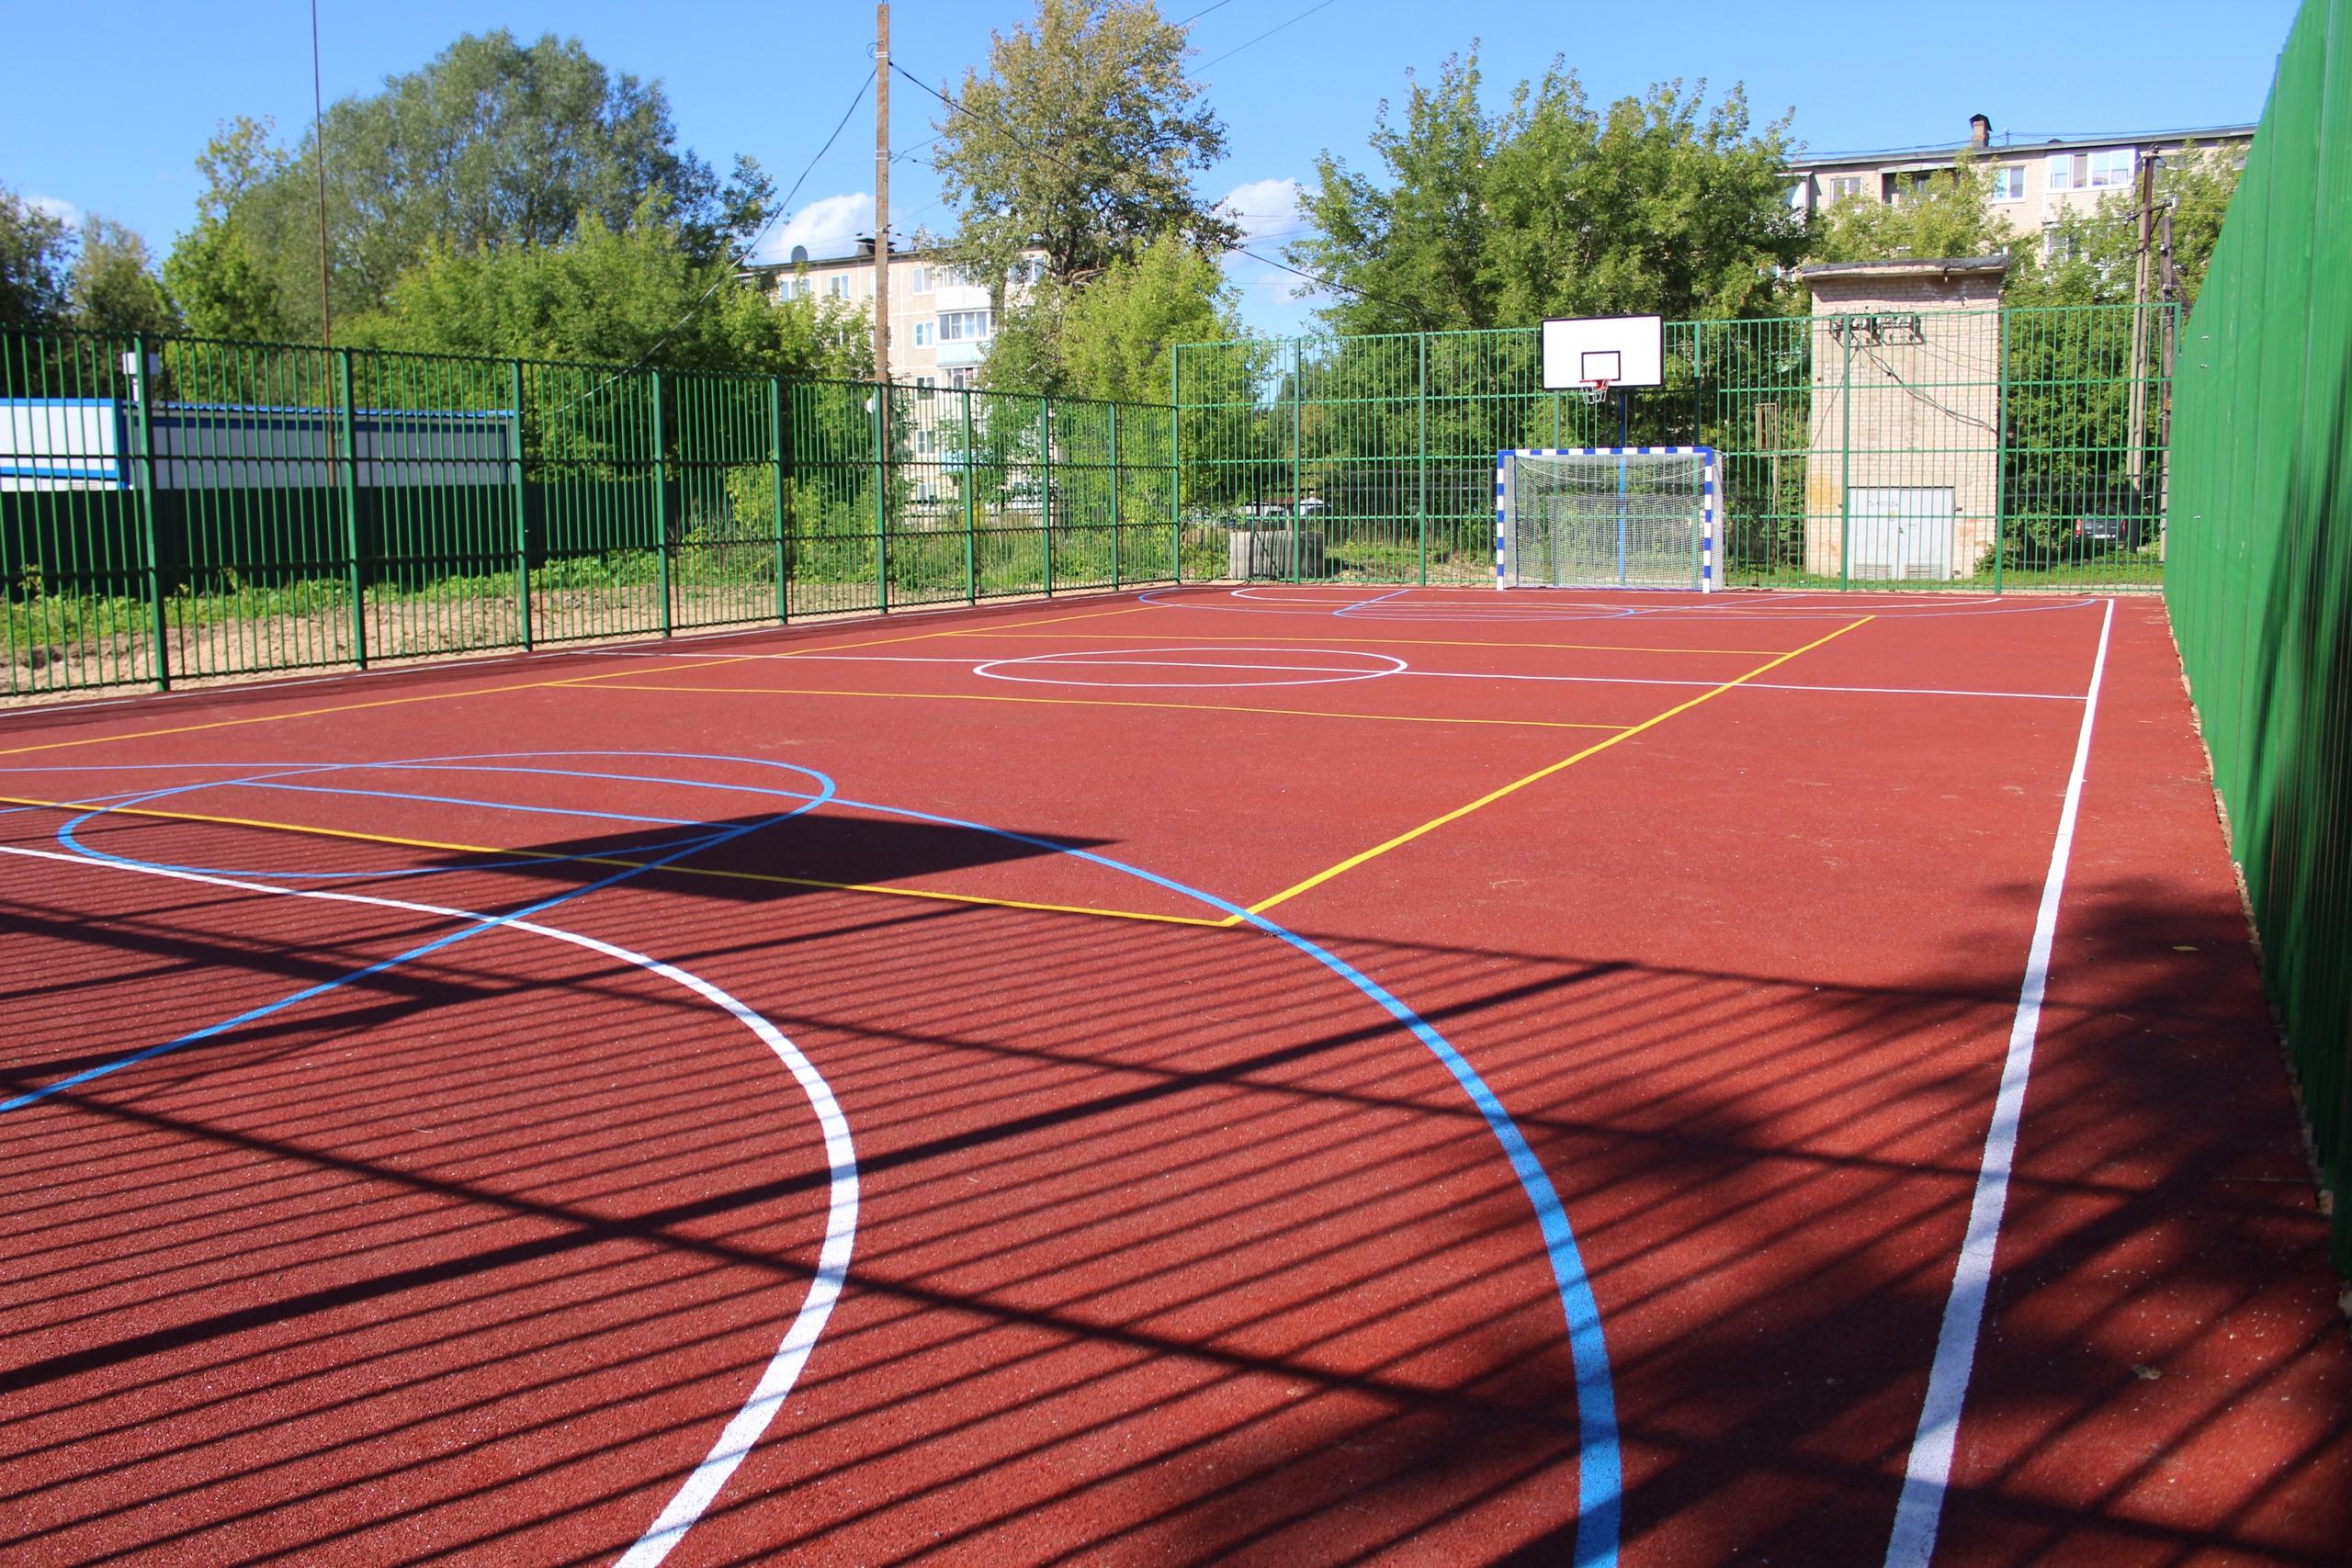 Площадка для игры в большой теннис появится в городе Тверской области